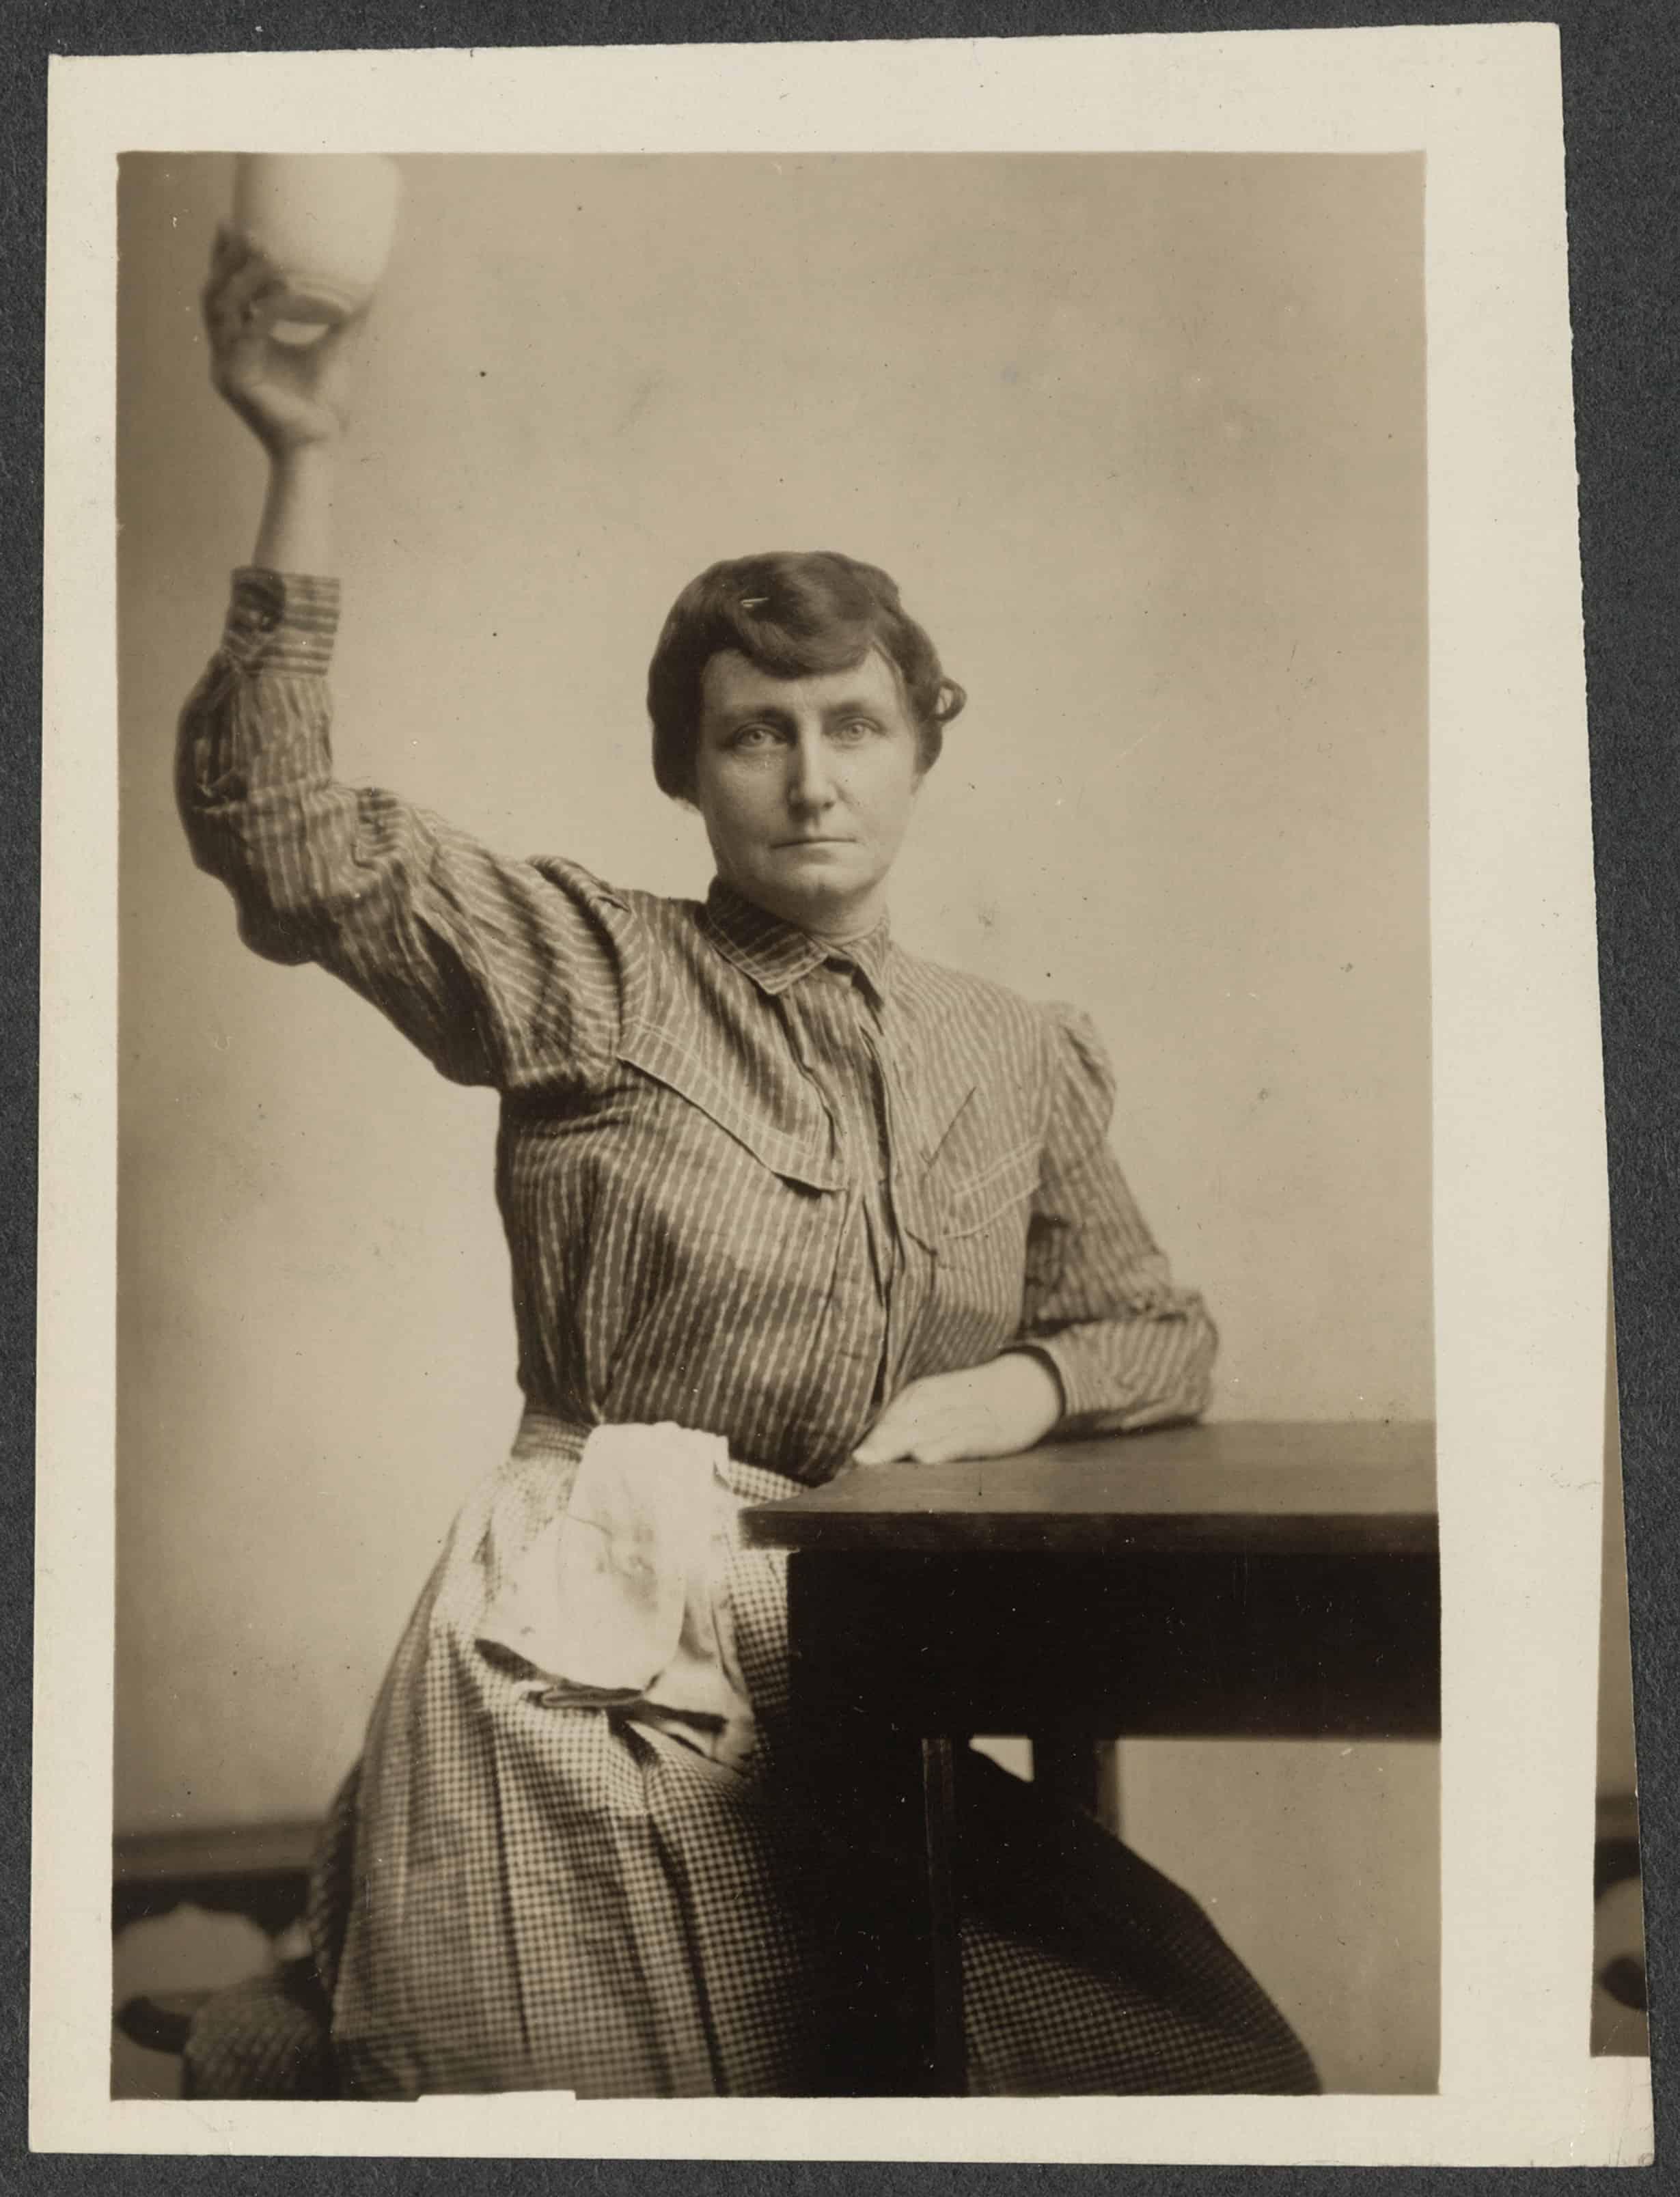 Suffragist Pauline Adams